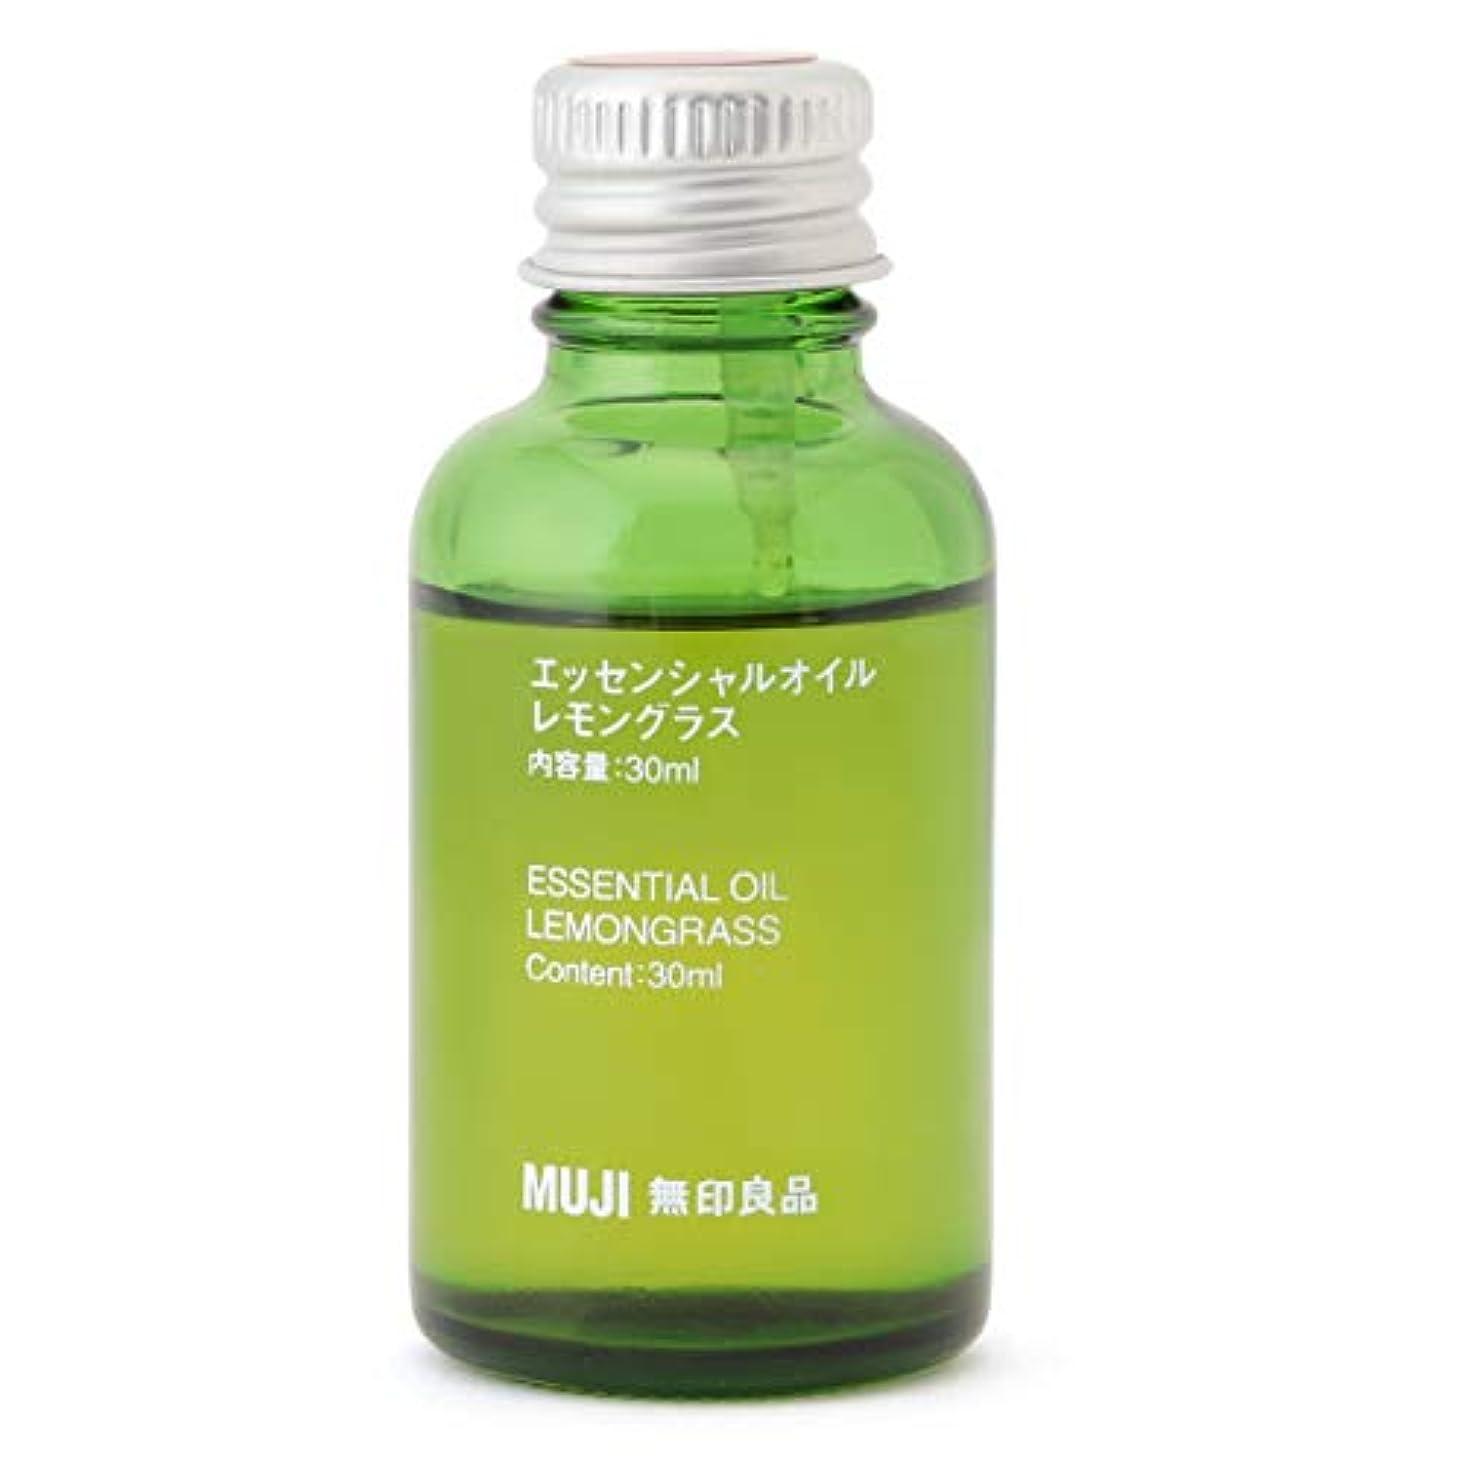 従者回転世論調査【無印良品】エッセンシャルオイル30ml(レモングラス)